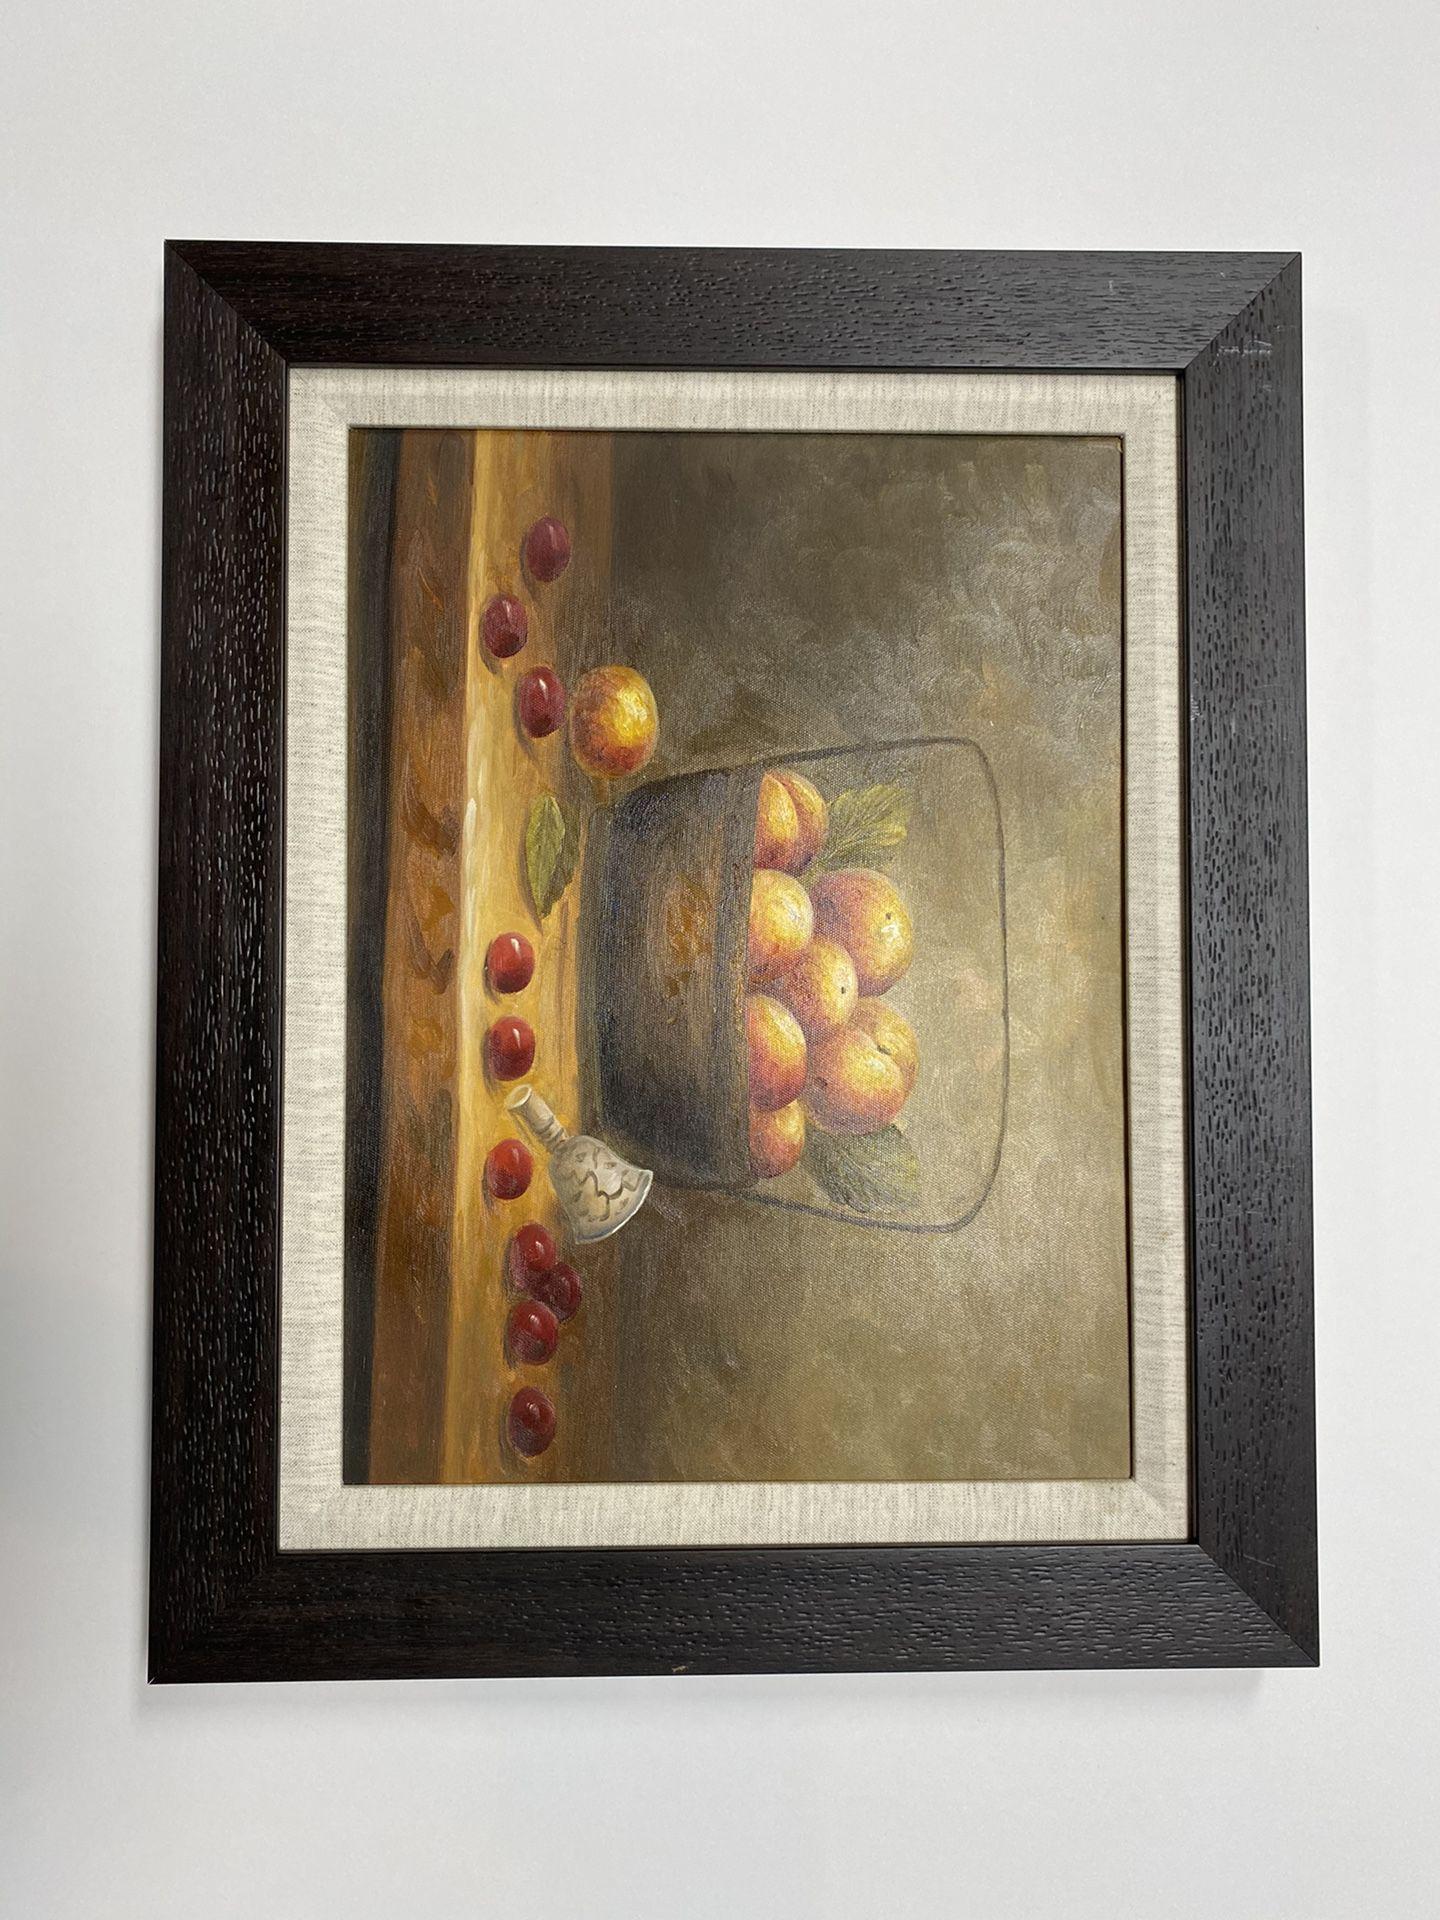 Original Painting at Tony's Art and Framing